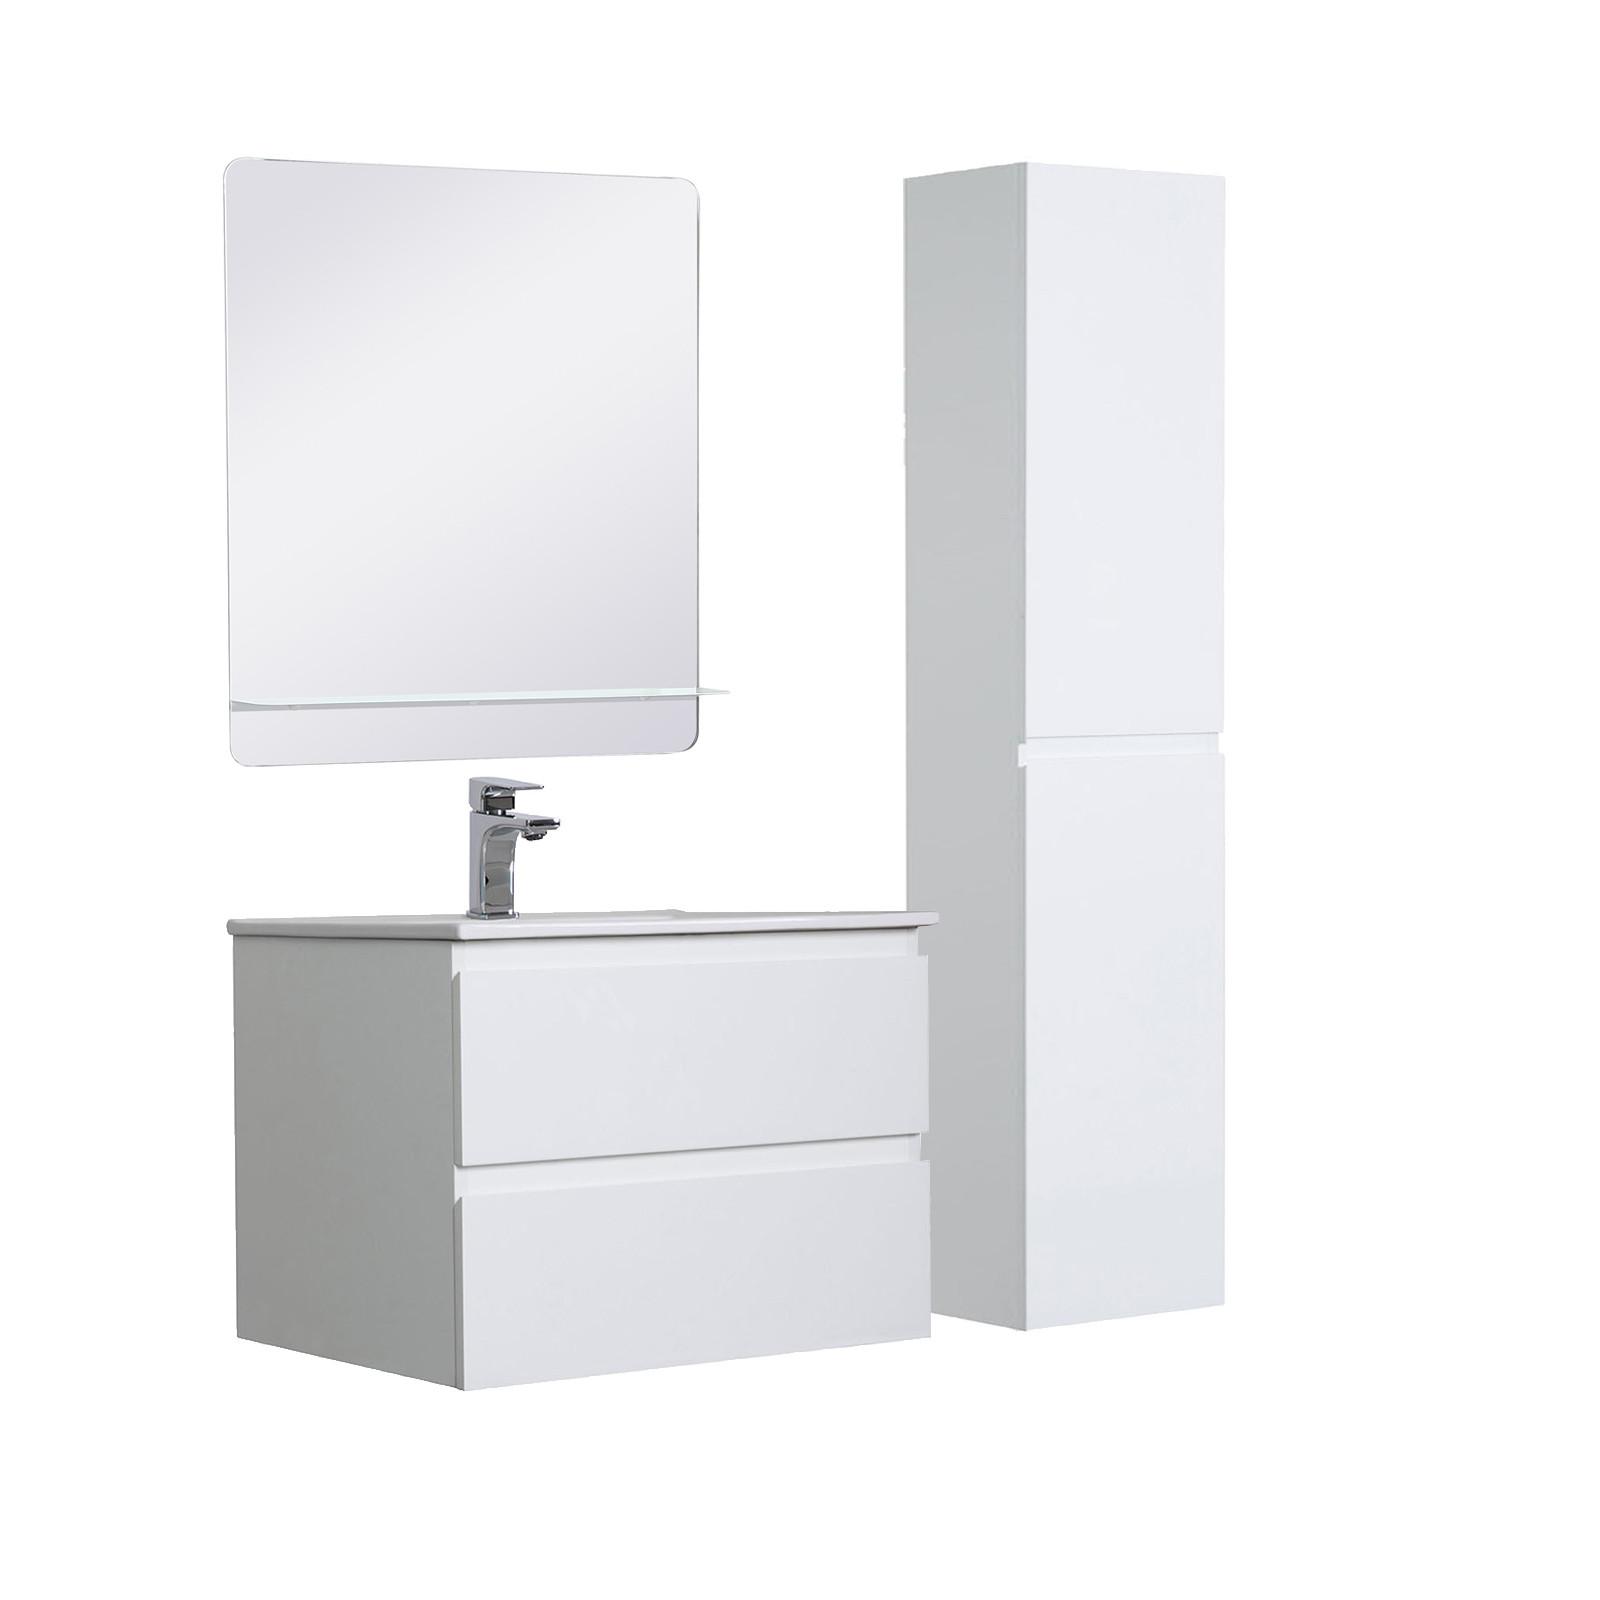 Meuble Salle de Bain 60 cm + Colonne Blanc + Miroir SORRENTO